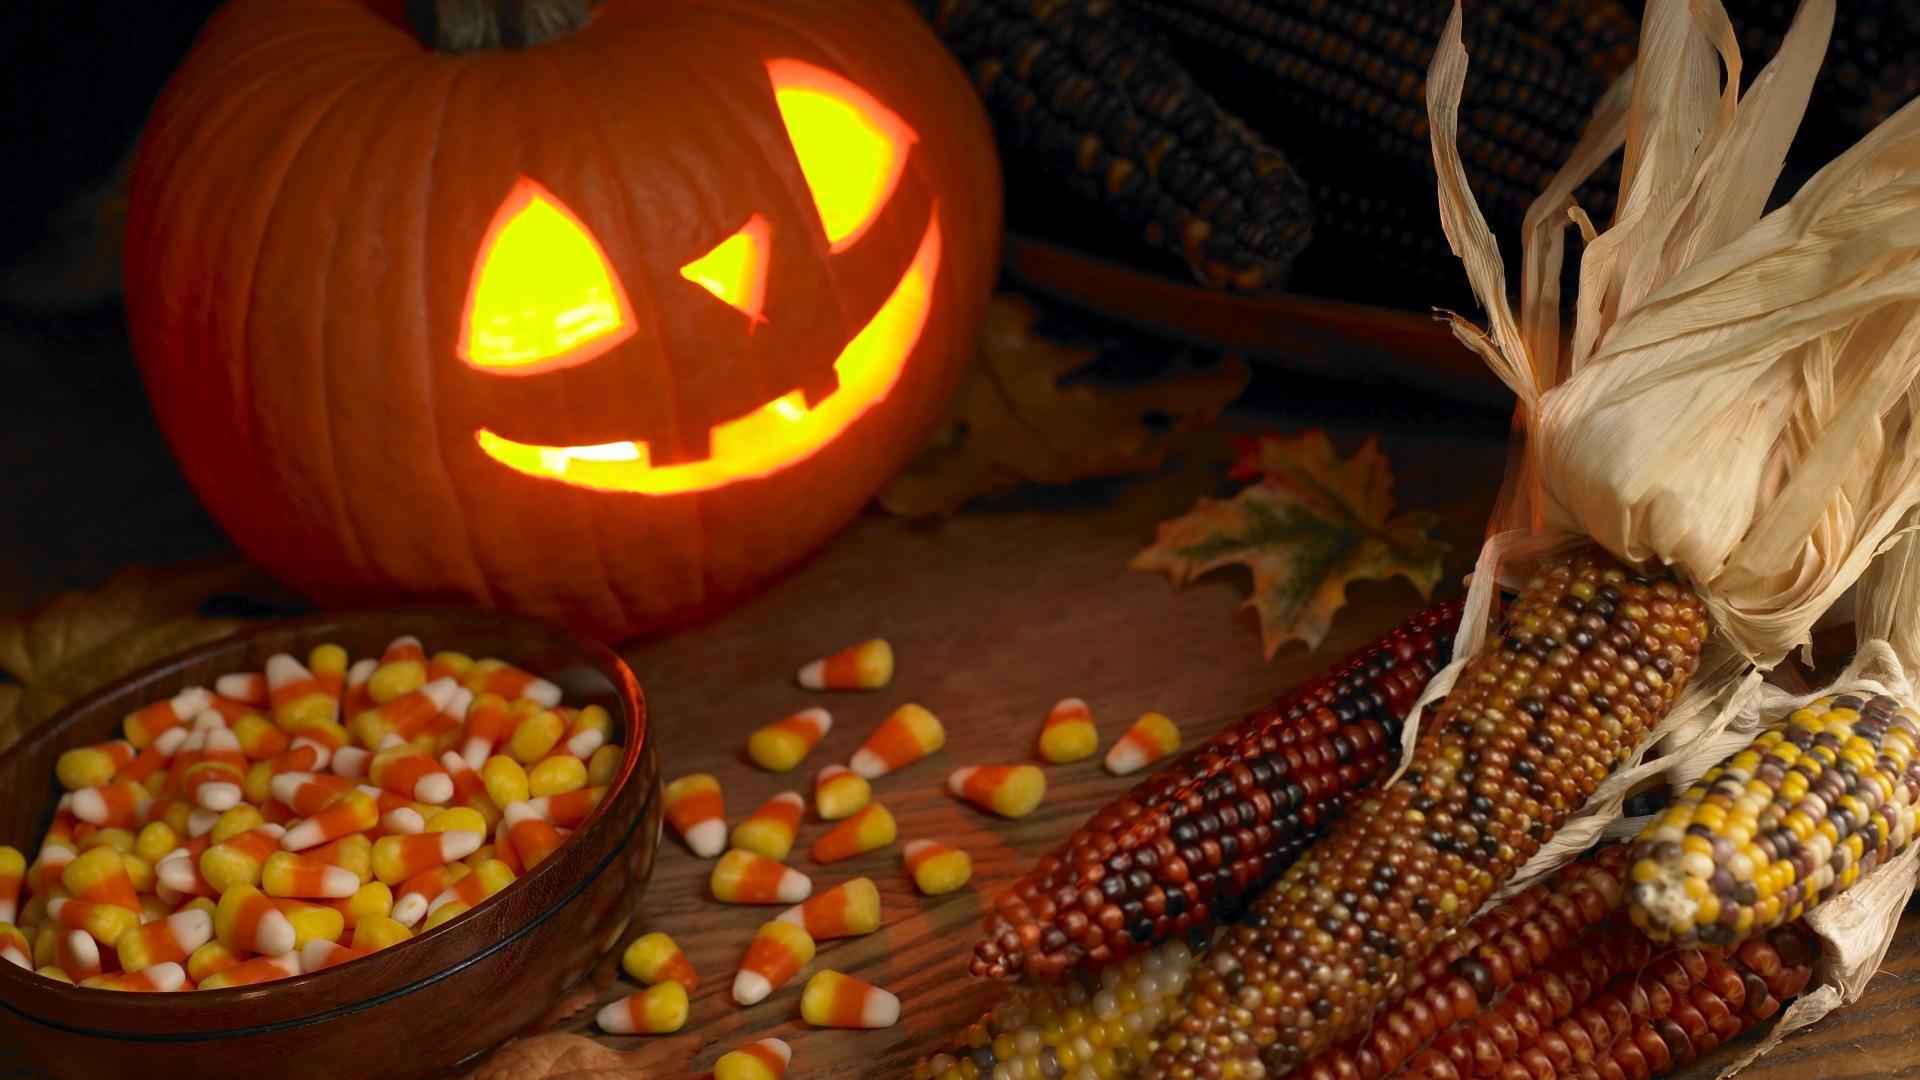 Halloween Pumpkin wallpaper - 873750